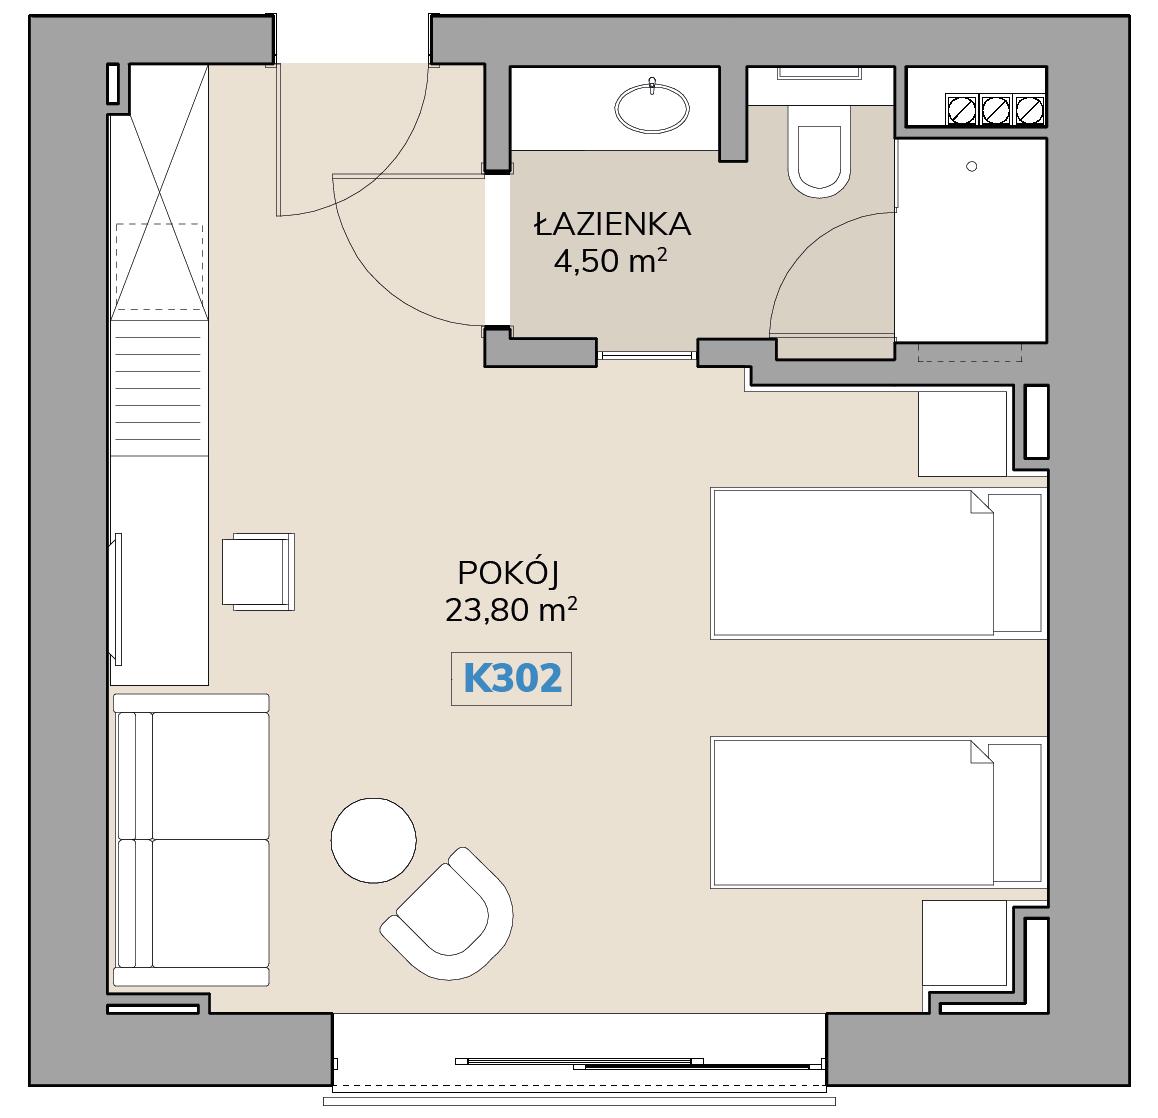 Apartament K302